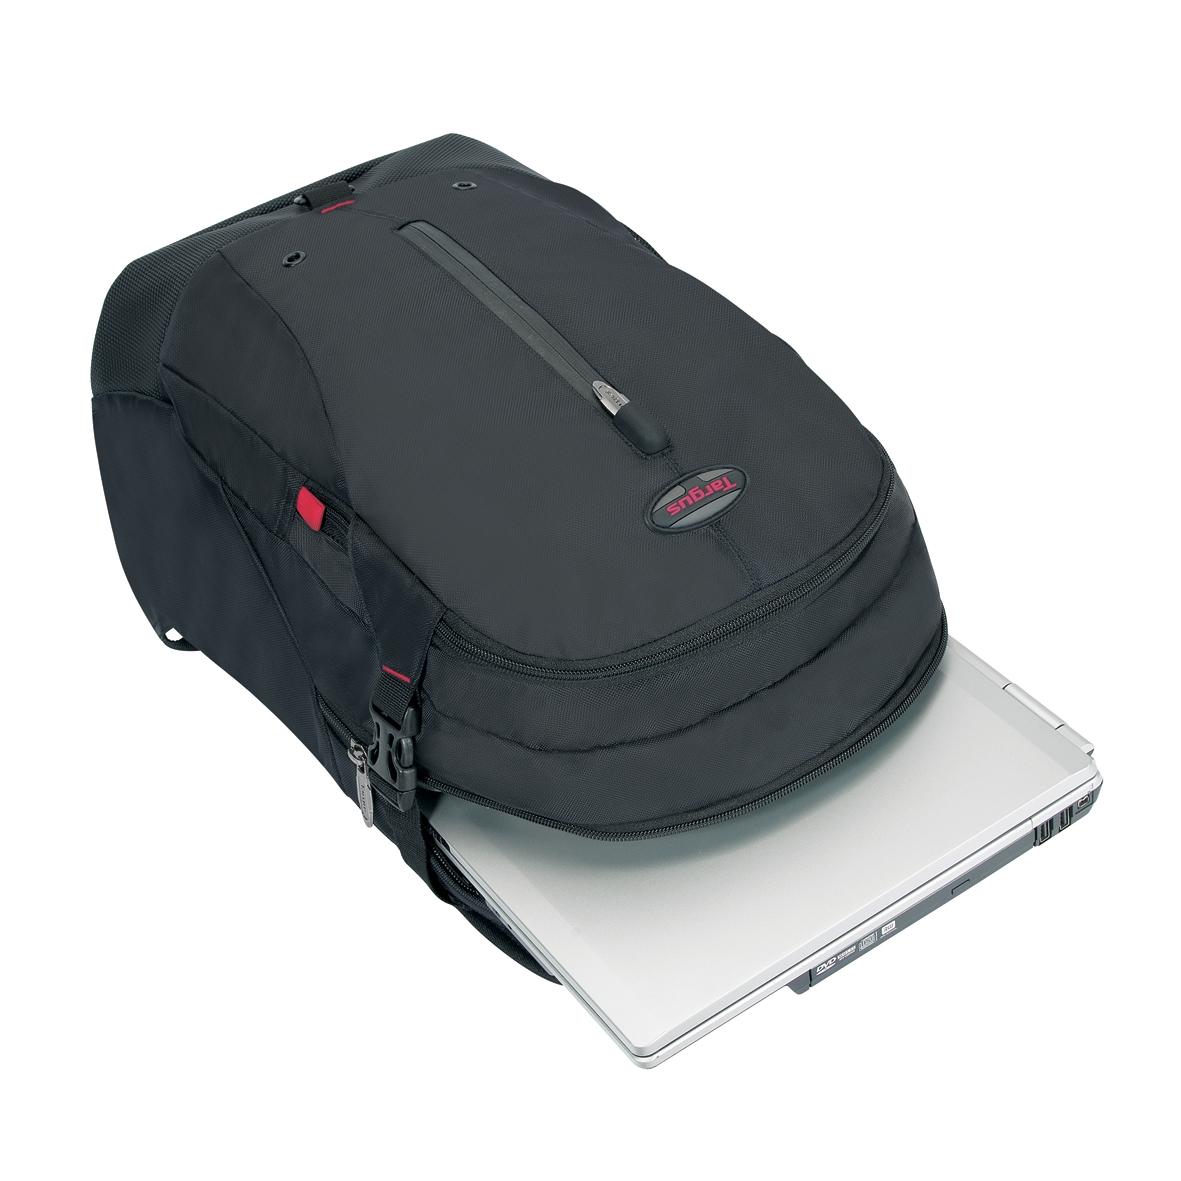 terra sac dos pour ordinateur portable 15 16 noir. Black Bedroom Furniture Sets. Home Design Ideas